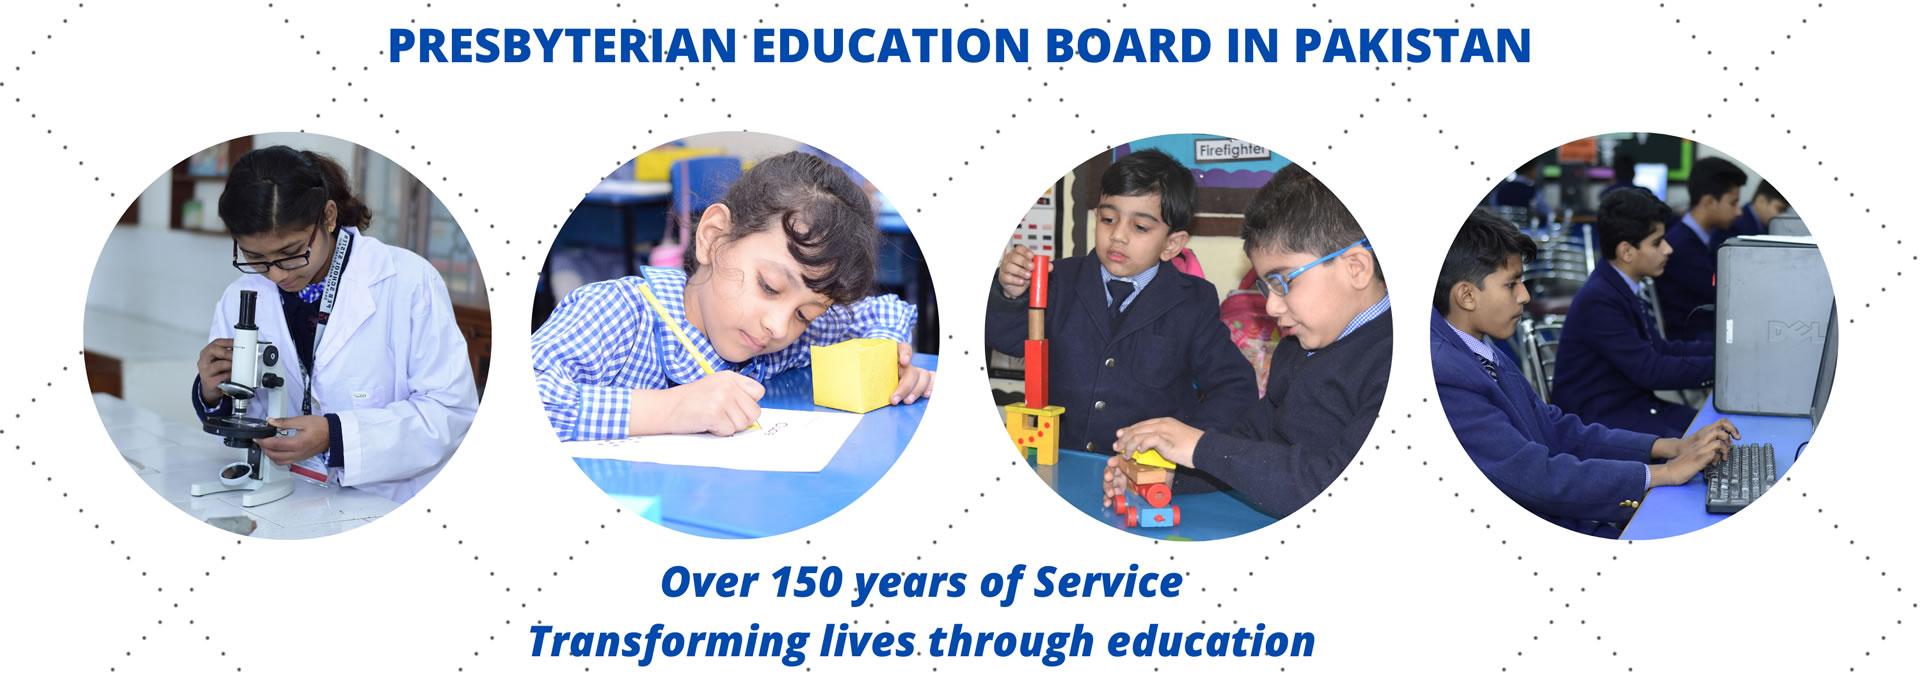 Presbyterian-Education-Board-in-Pakistan-1